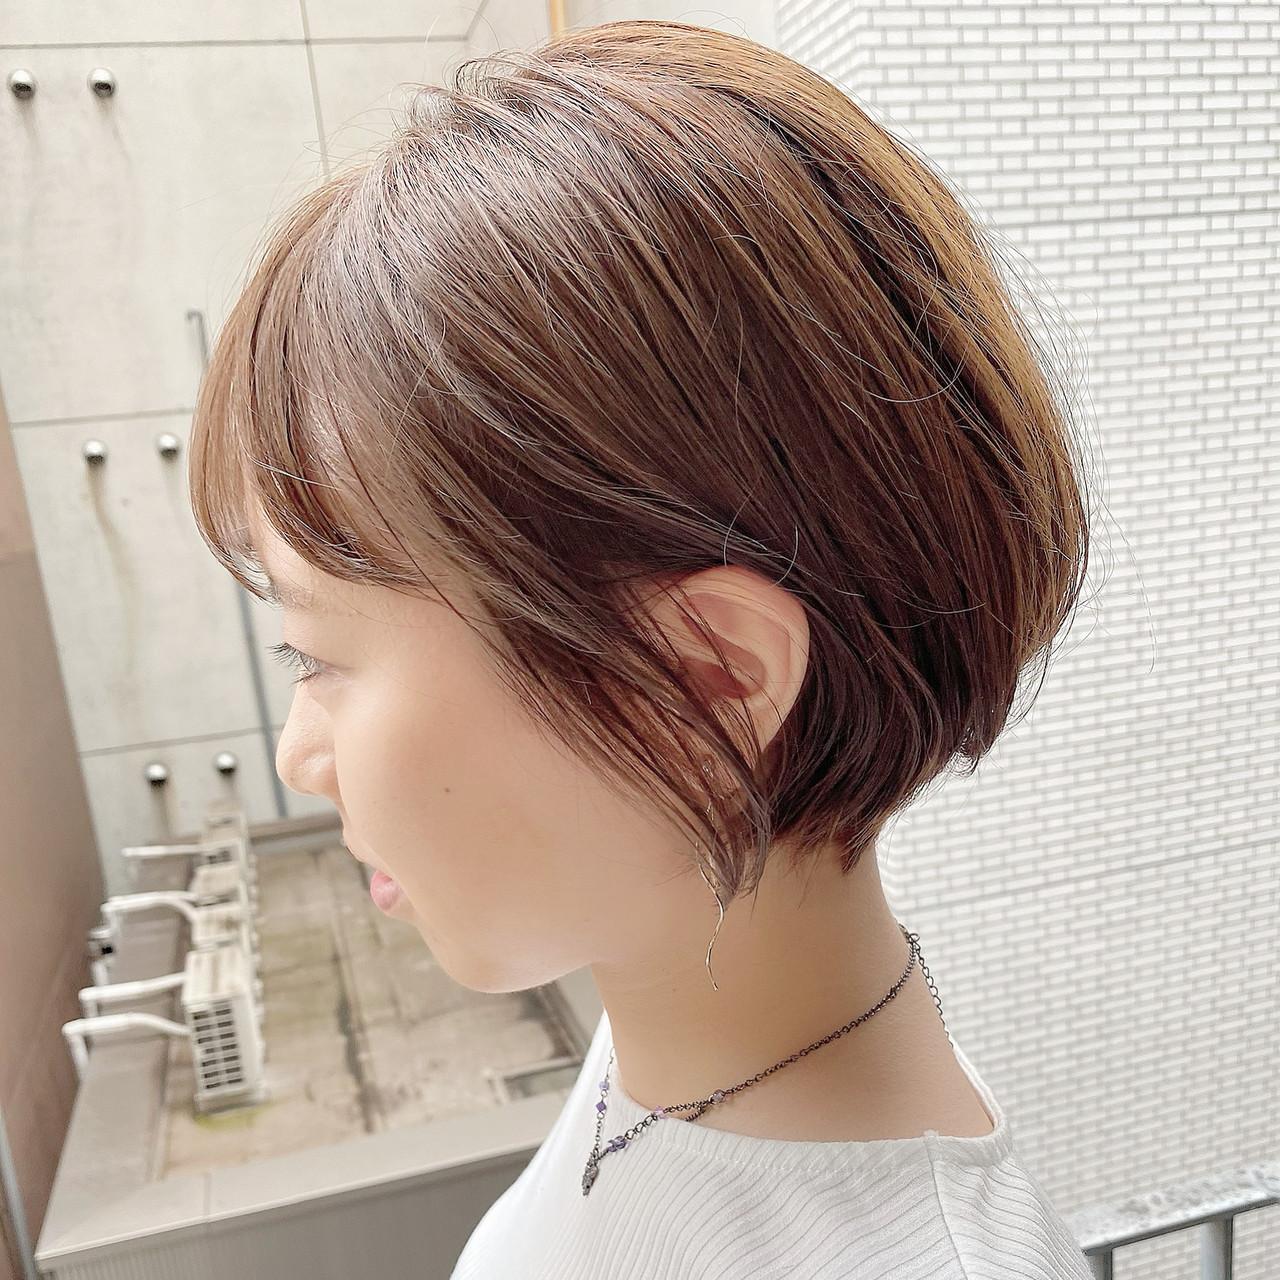 ショートヘア ショート オフィス ナチュラル ヘアスタイルや髪型の写真・画像 | 大人可愛い【ショート・ボブが得意】つばさ / VIE